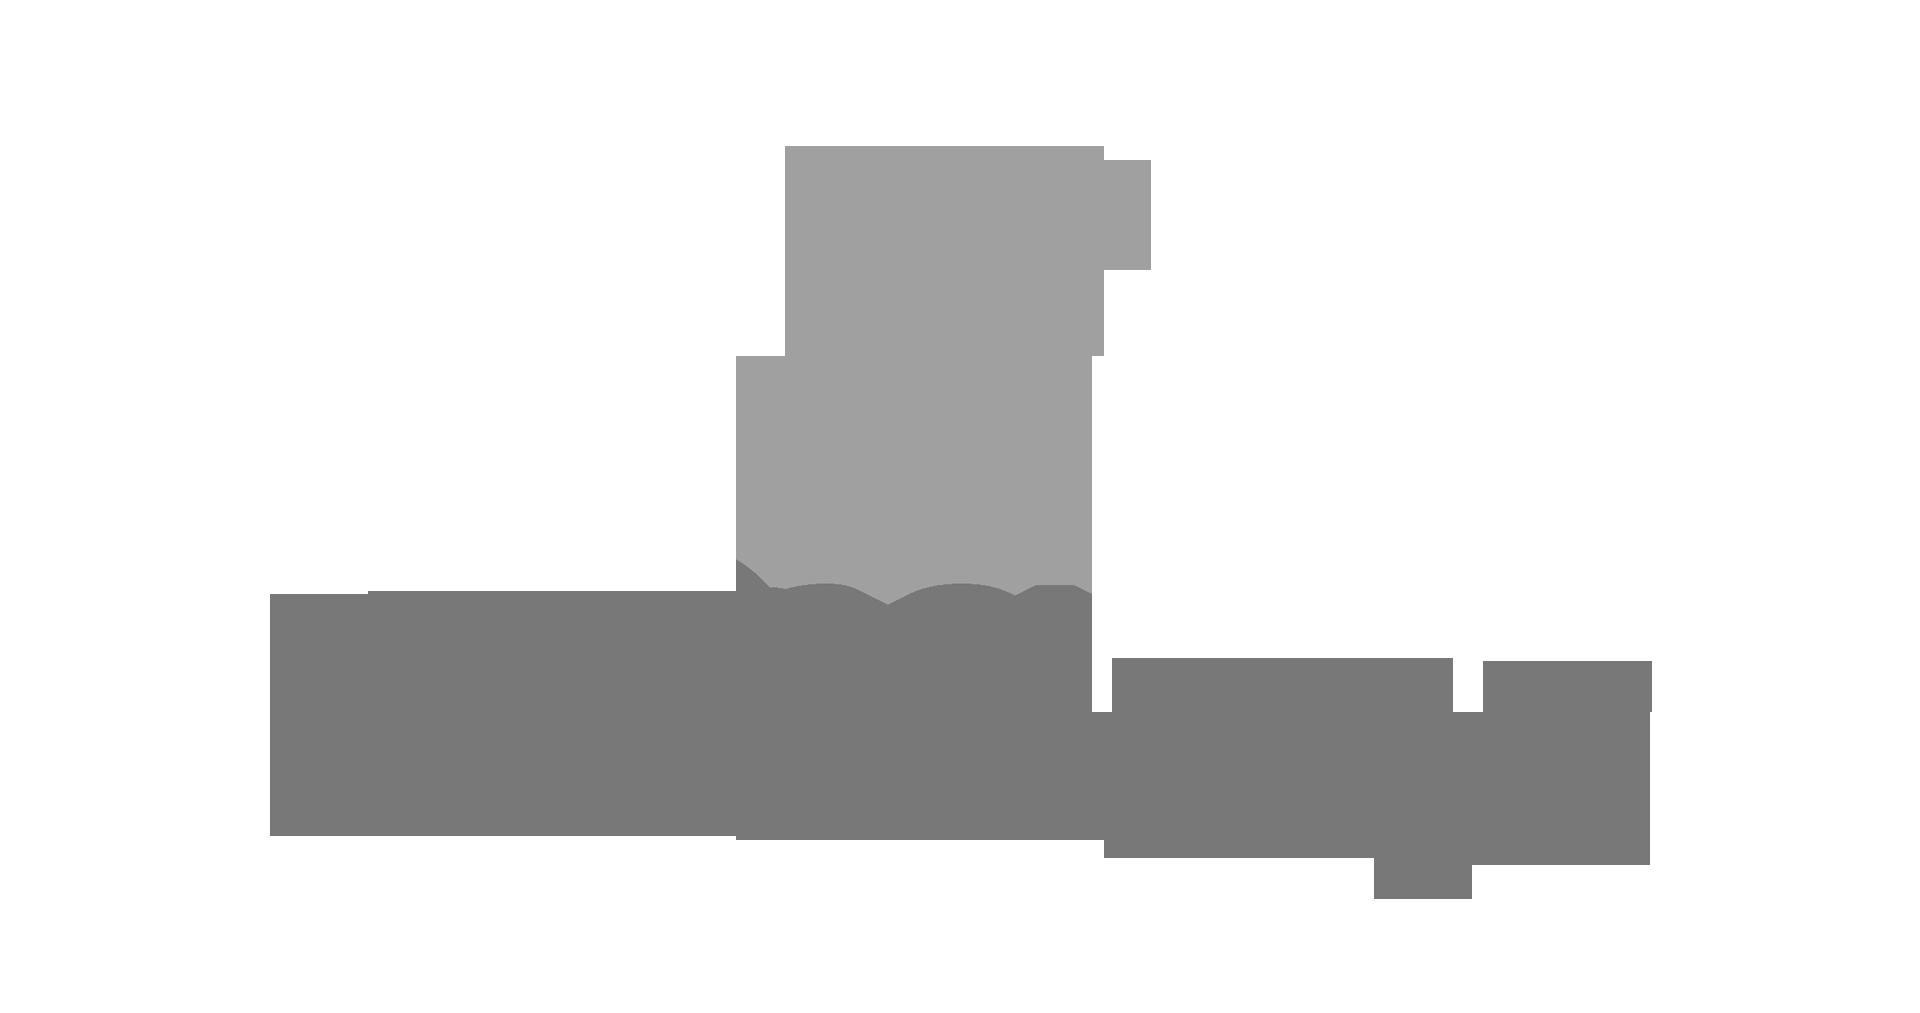 primewaylogo_1920-dl16